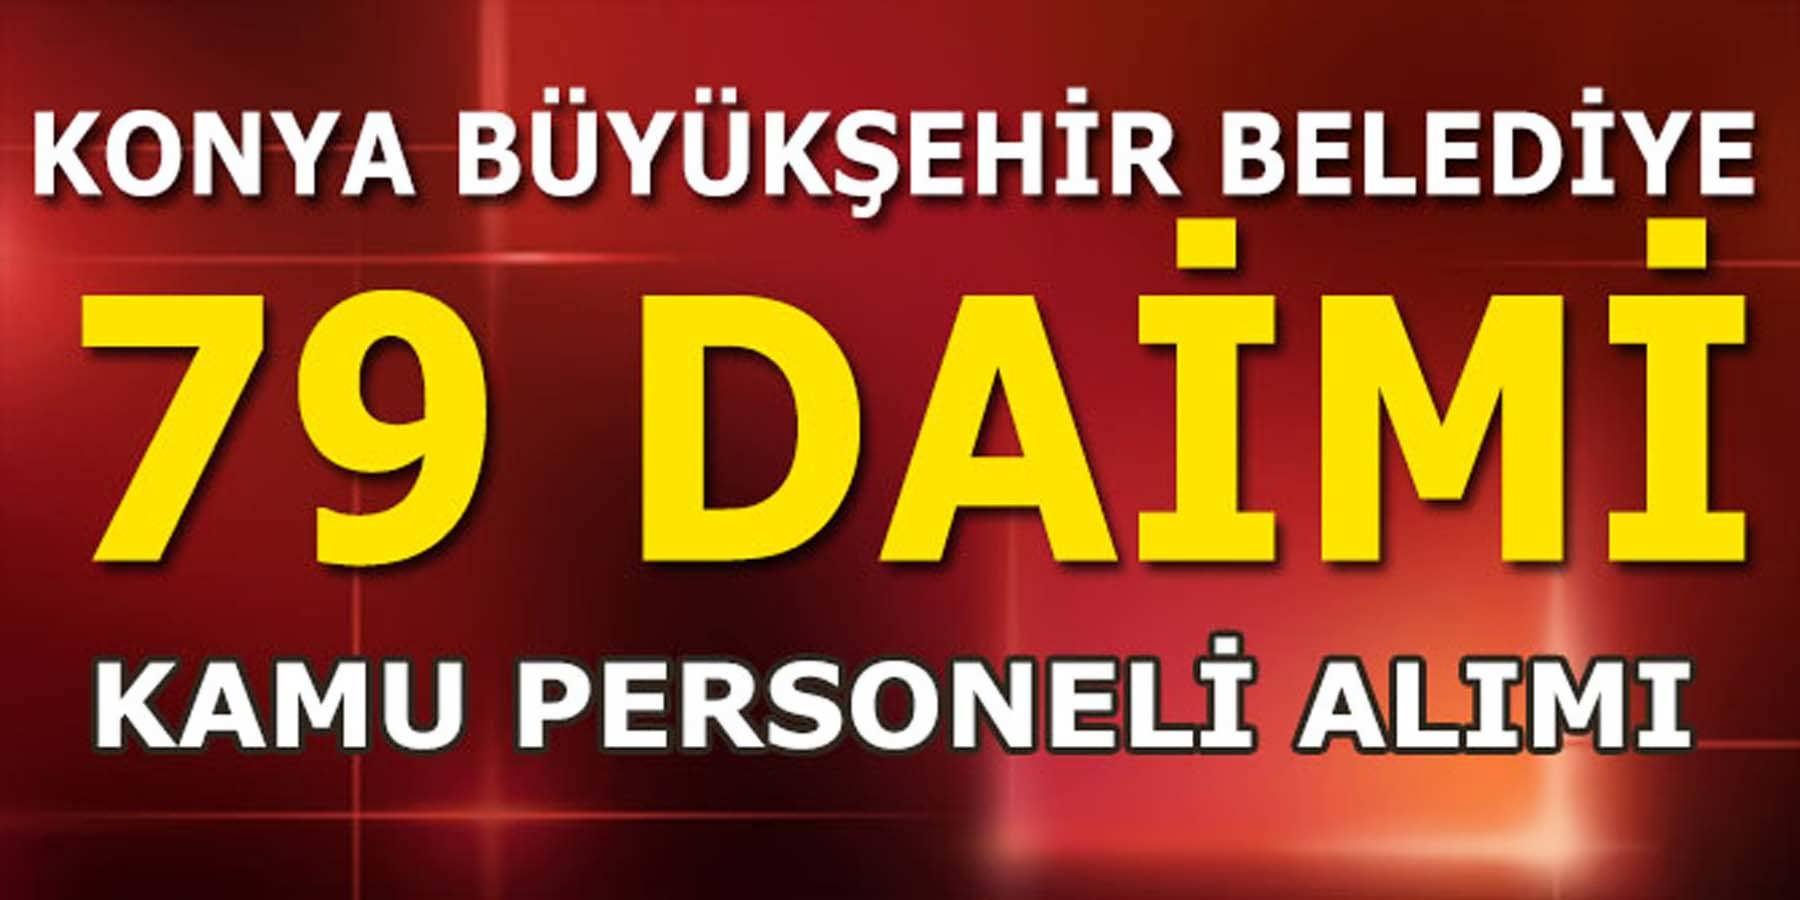 Konya Büyükşehir Belediyesi 79 Kamu Personeli Alımı